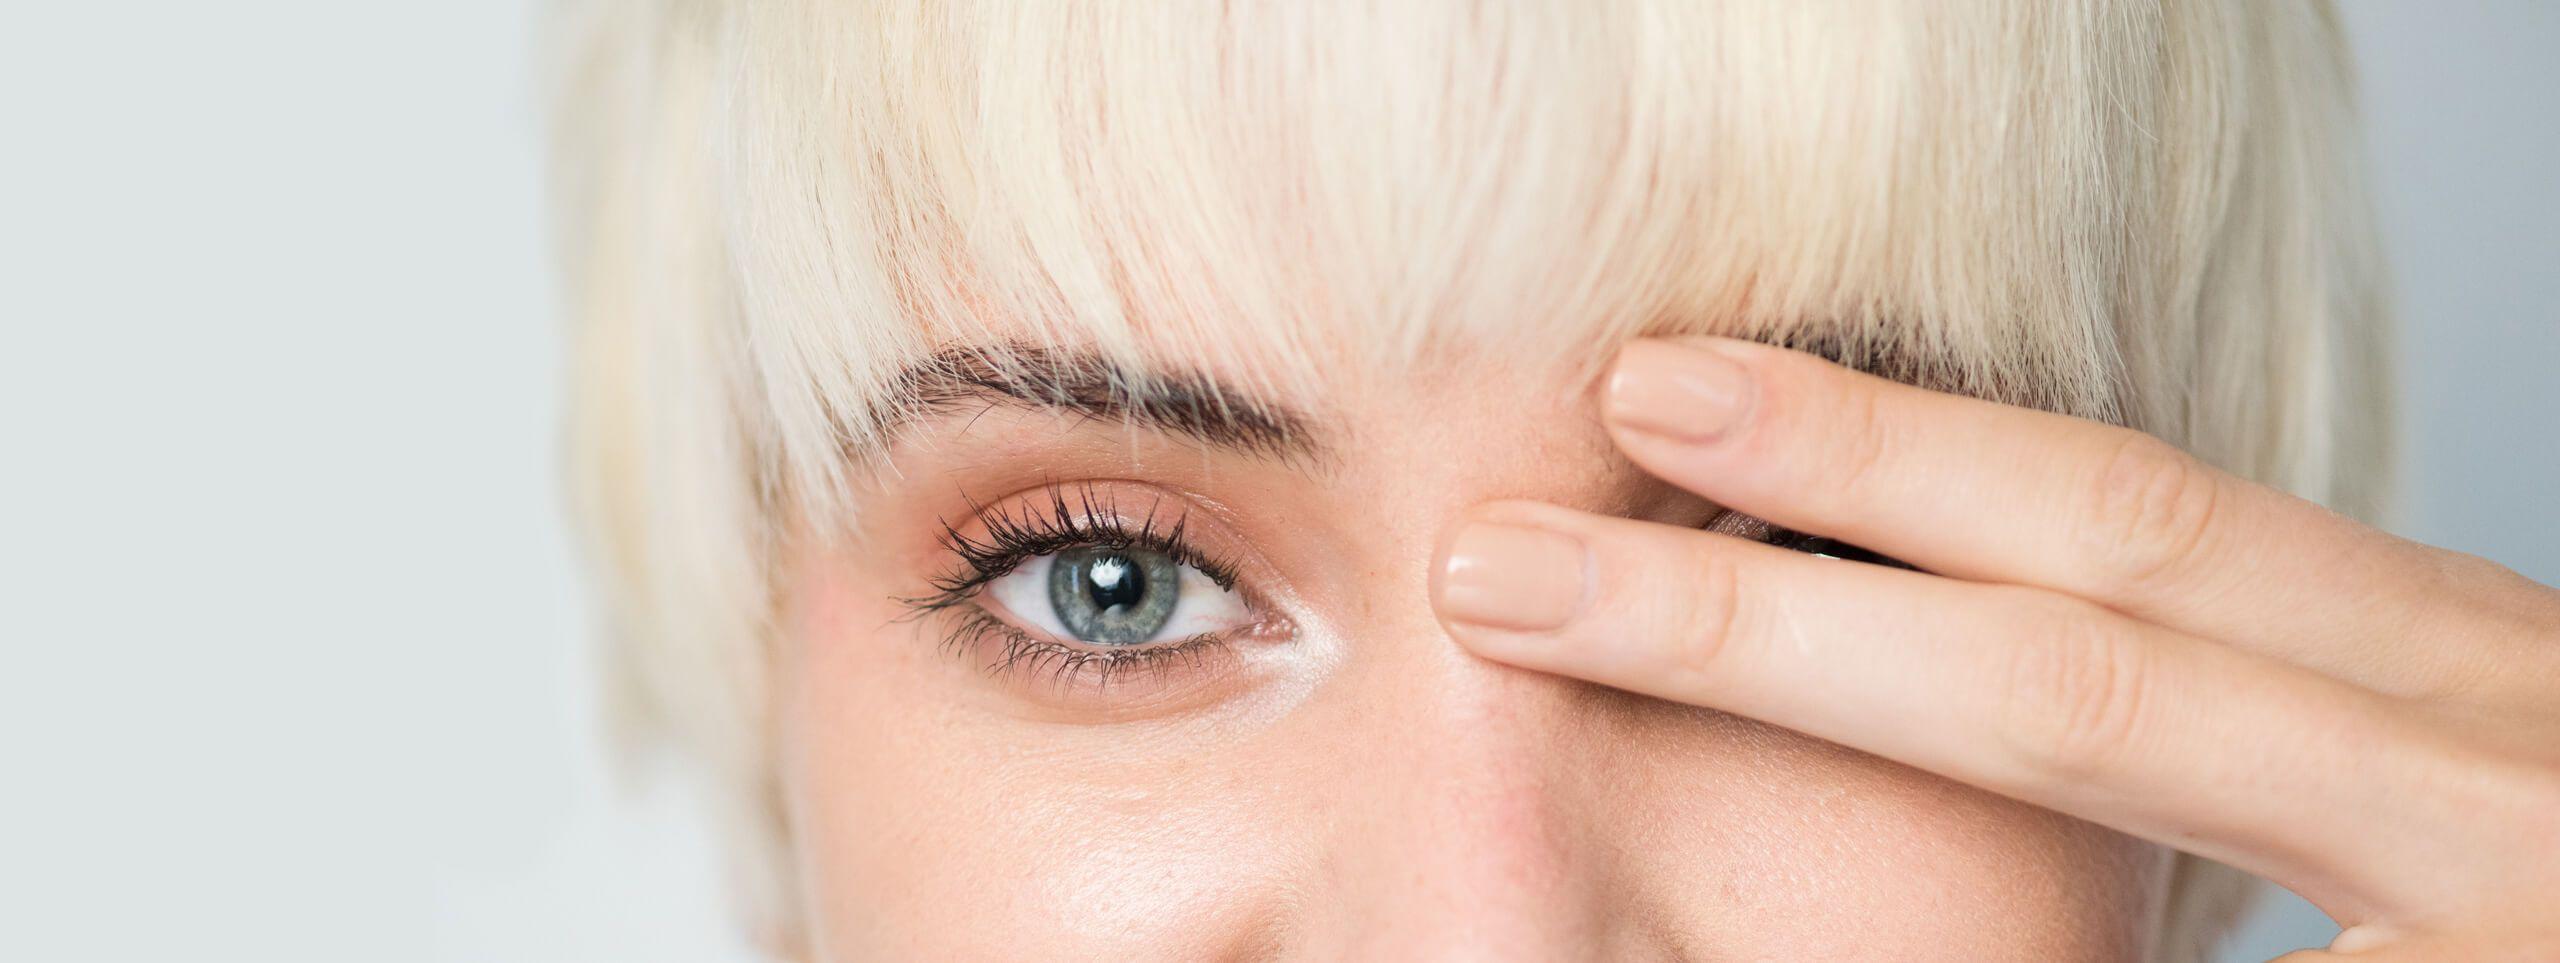 Twarz kobiety z krótkimi blond włosami częściowo zasłonięta palcami